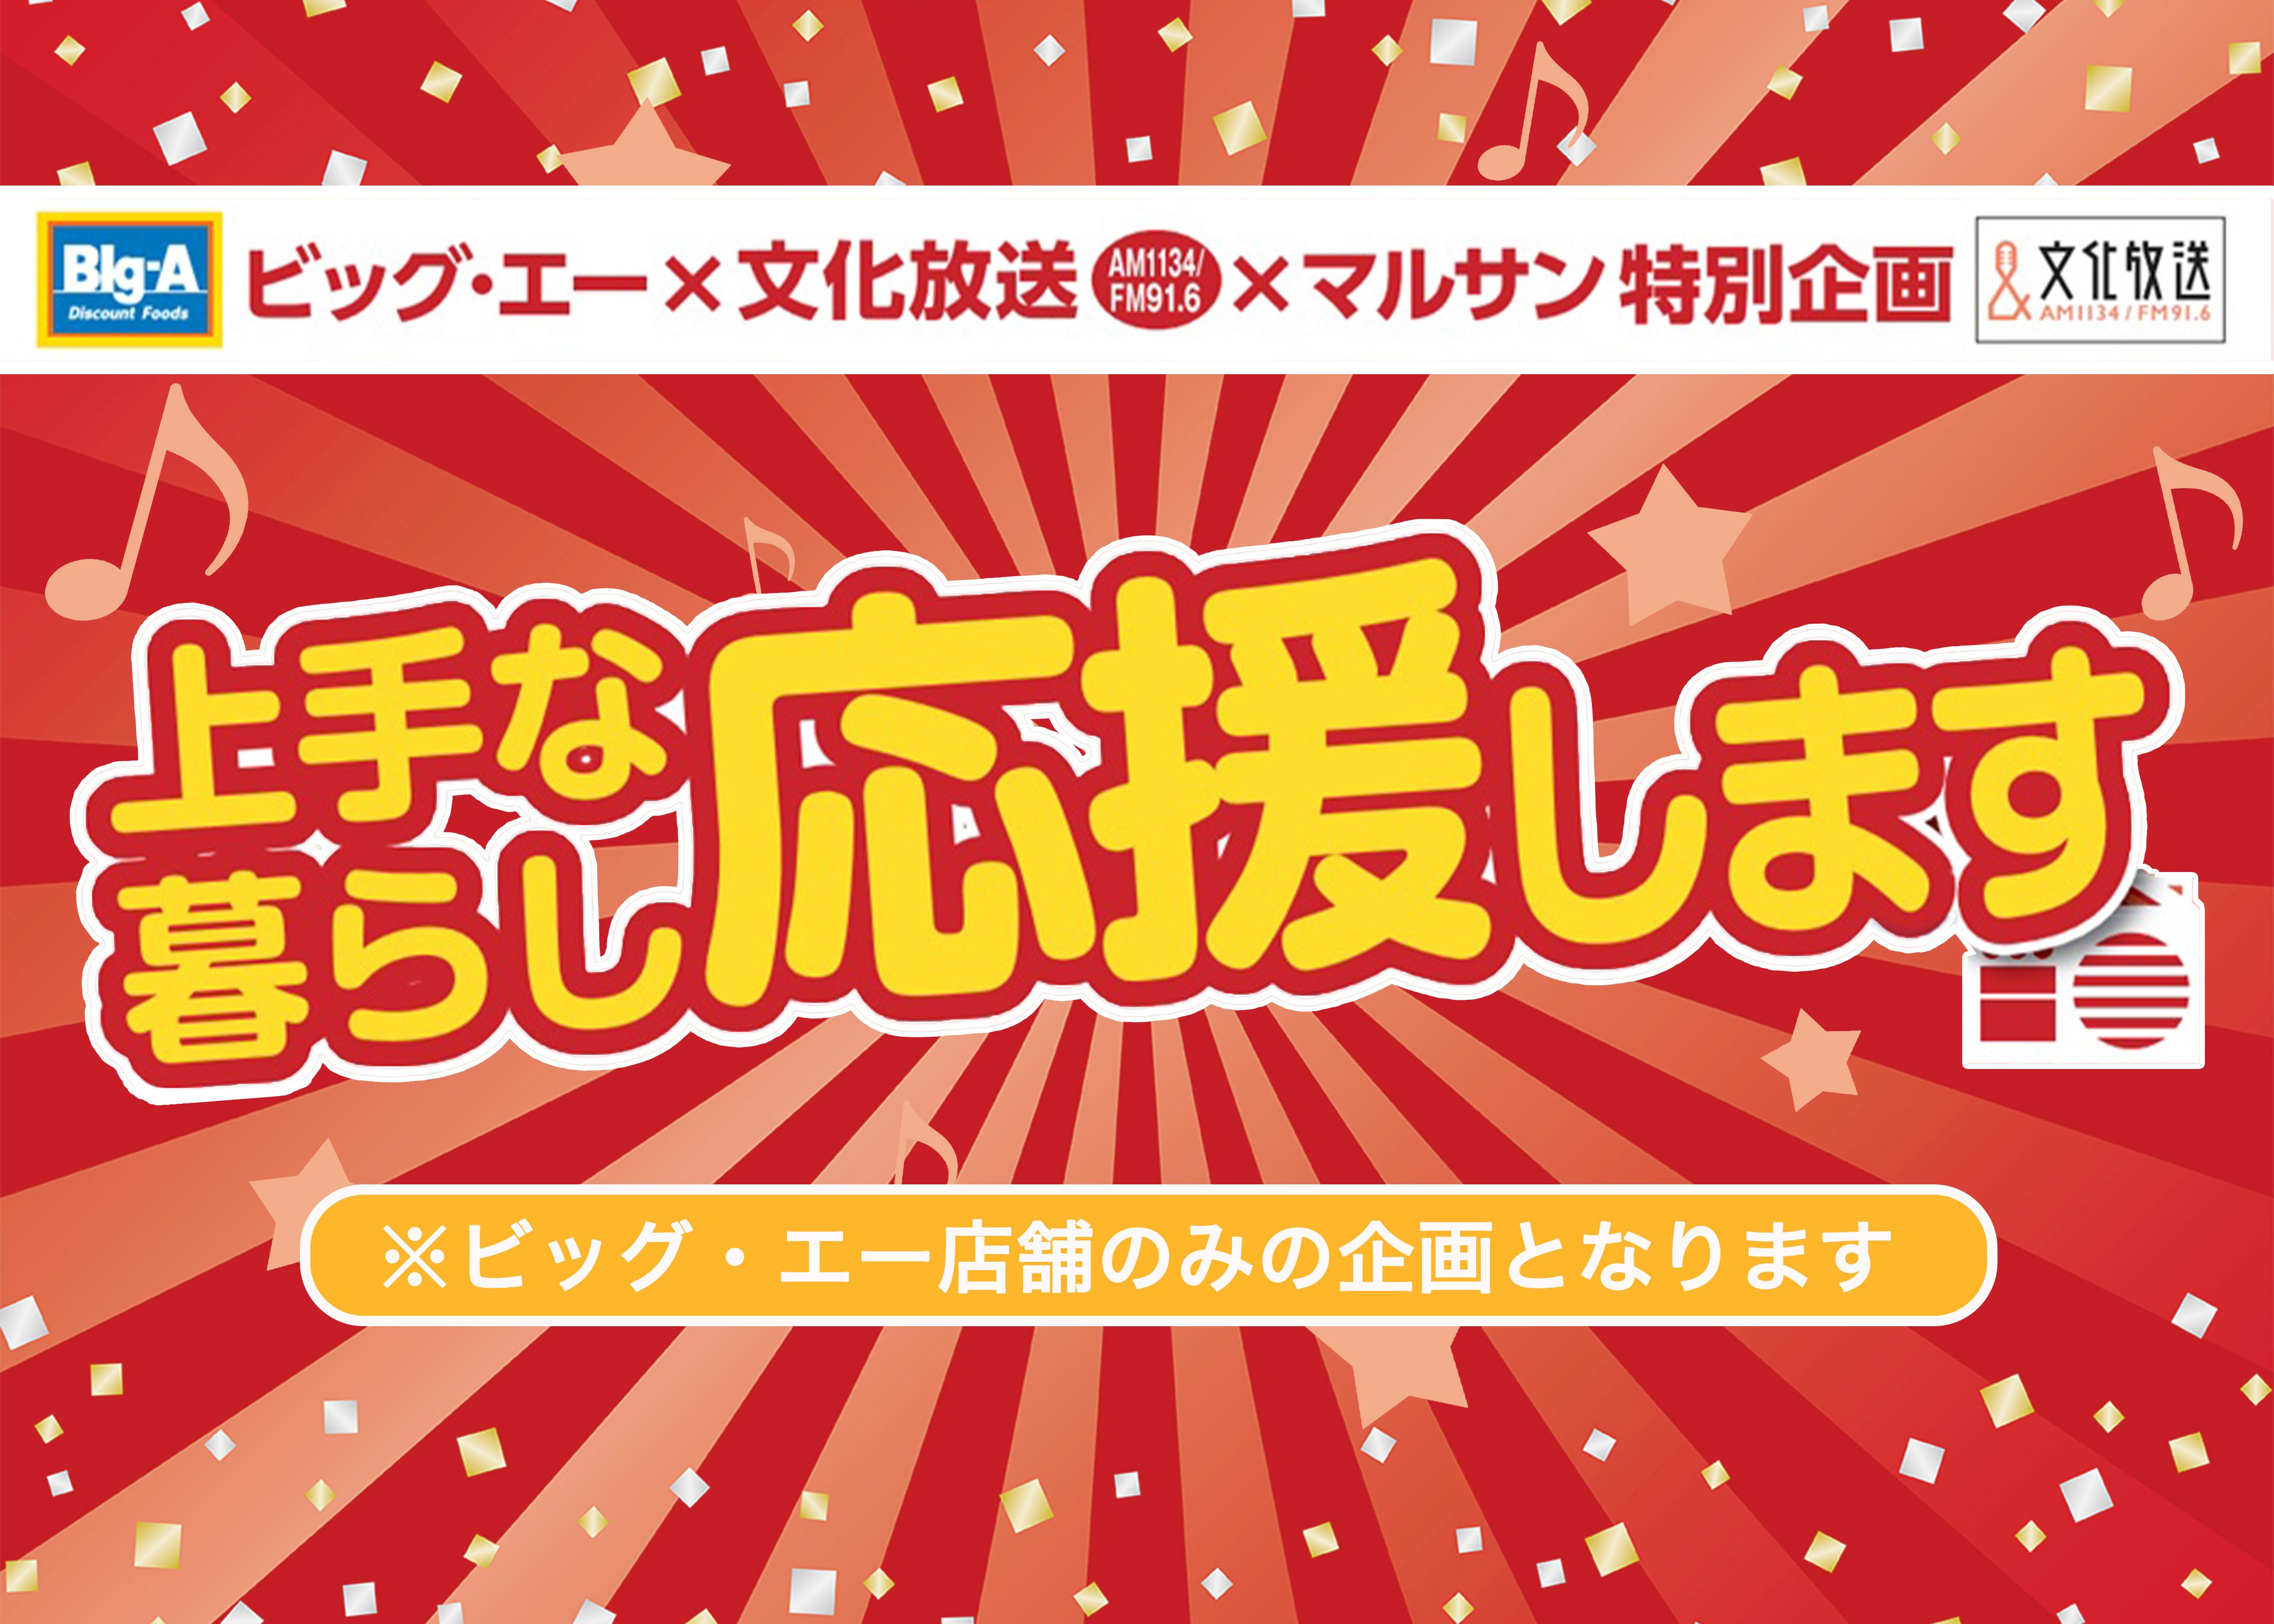 ビッグ・エー×文化放送×マルサン特別企画